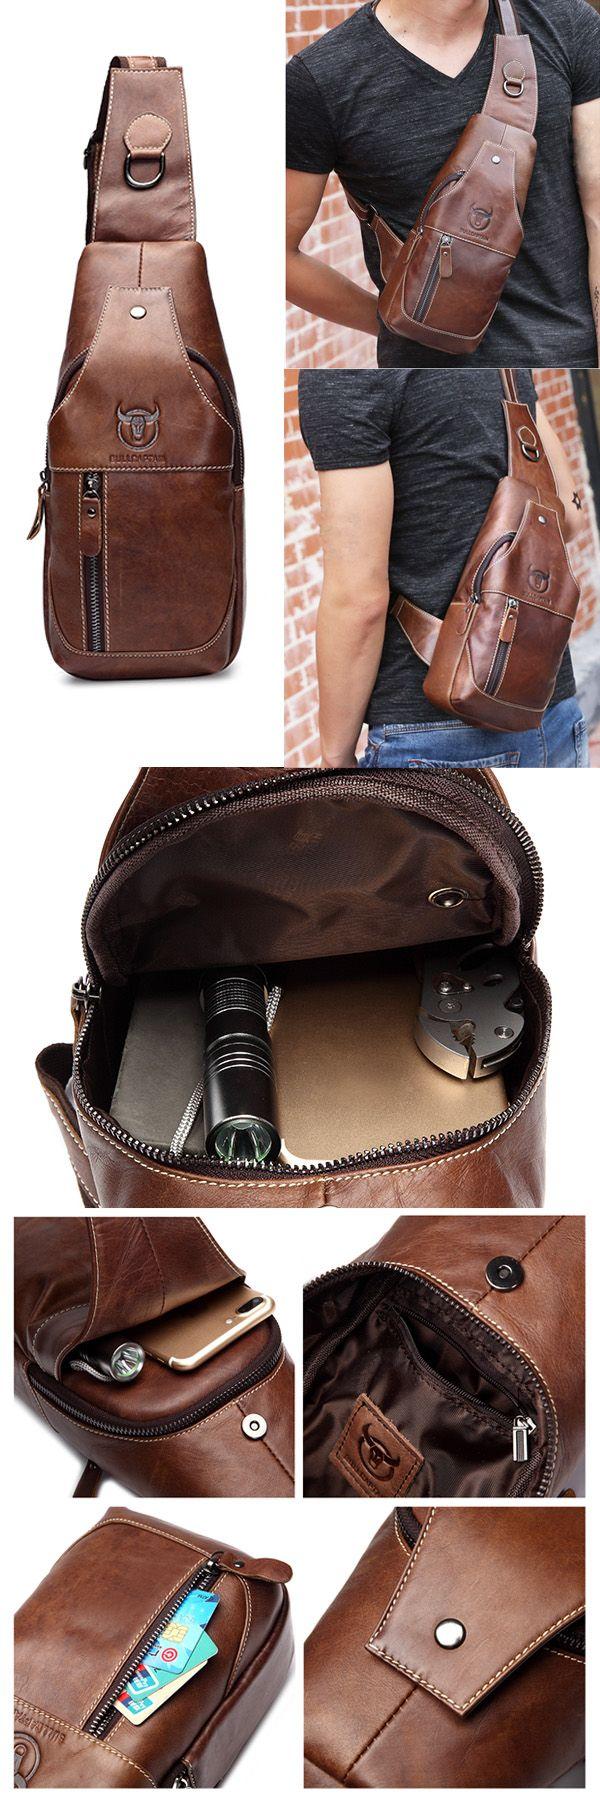 [50%OFF]  Men Genuine Leather Business Bag,Genuine Leather Bag,Casual Chest Bags ,Shoulder Bag Men,Crossbody Bag For Men,Leather Chest Bag For Male,Men's Business Bag